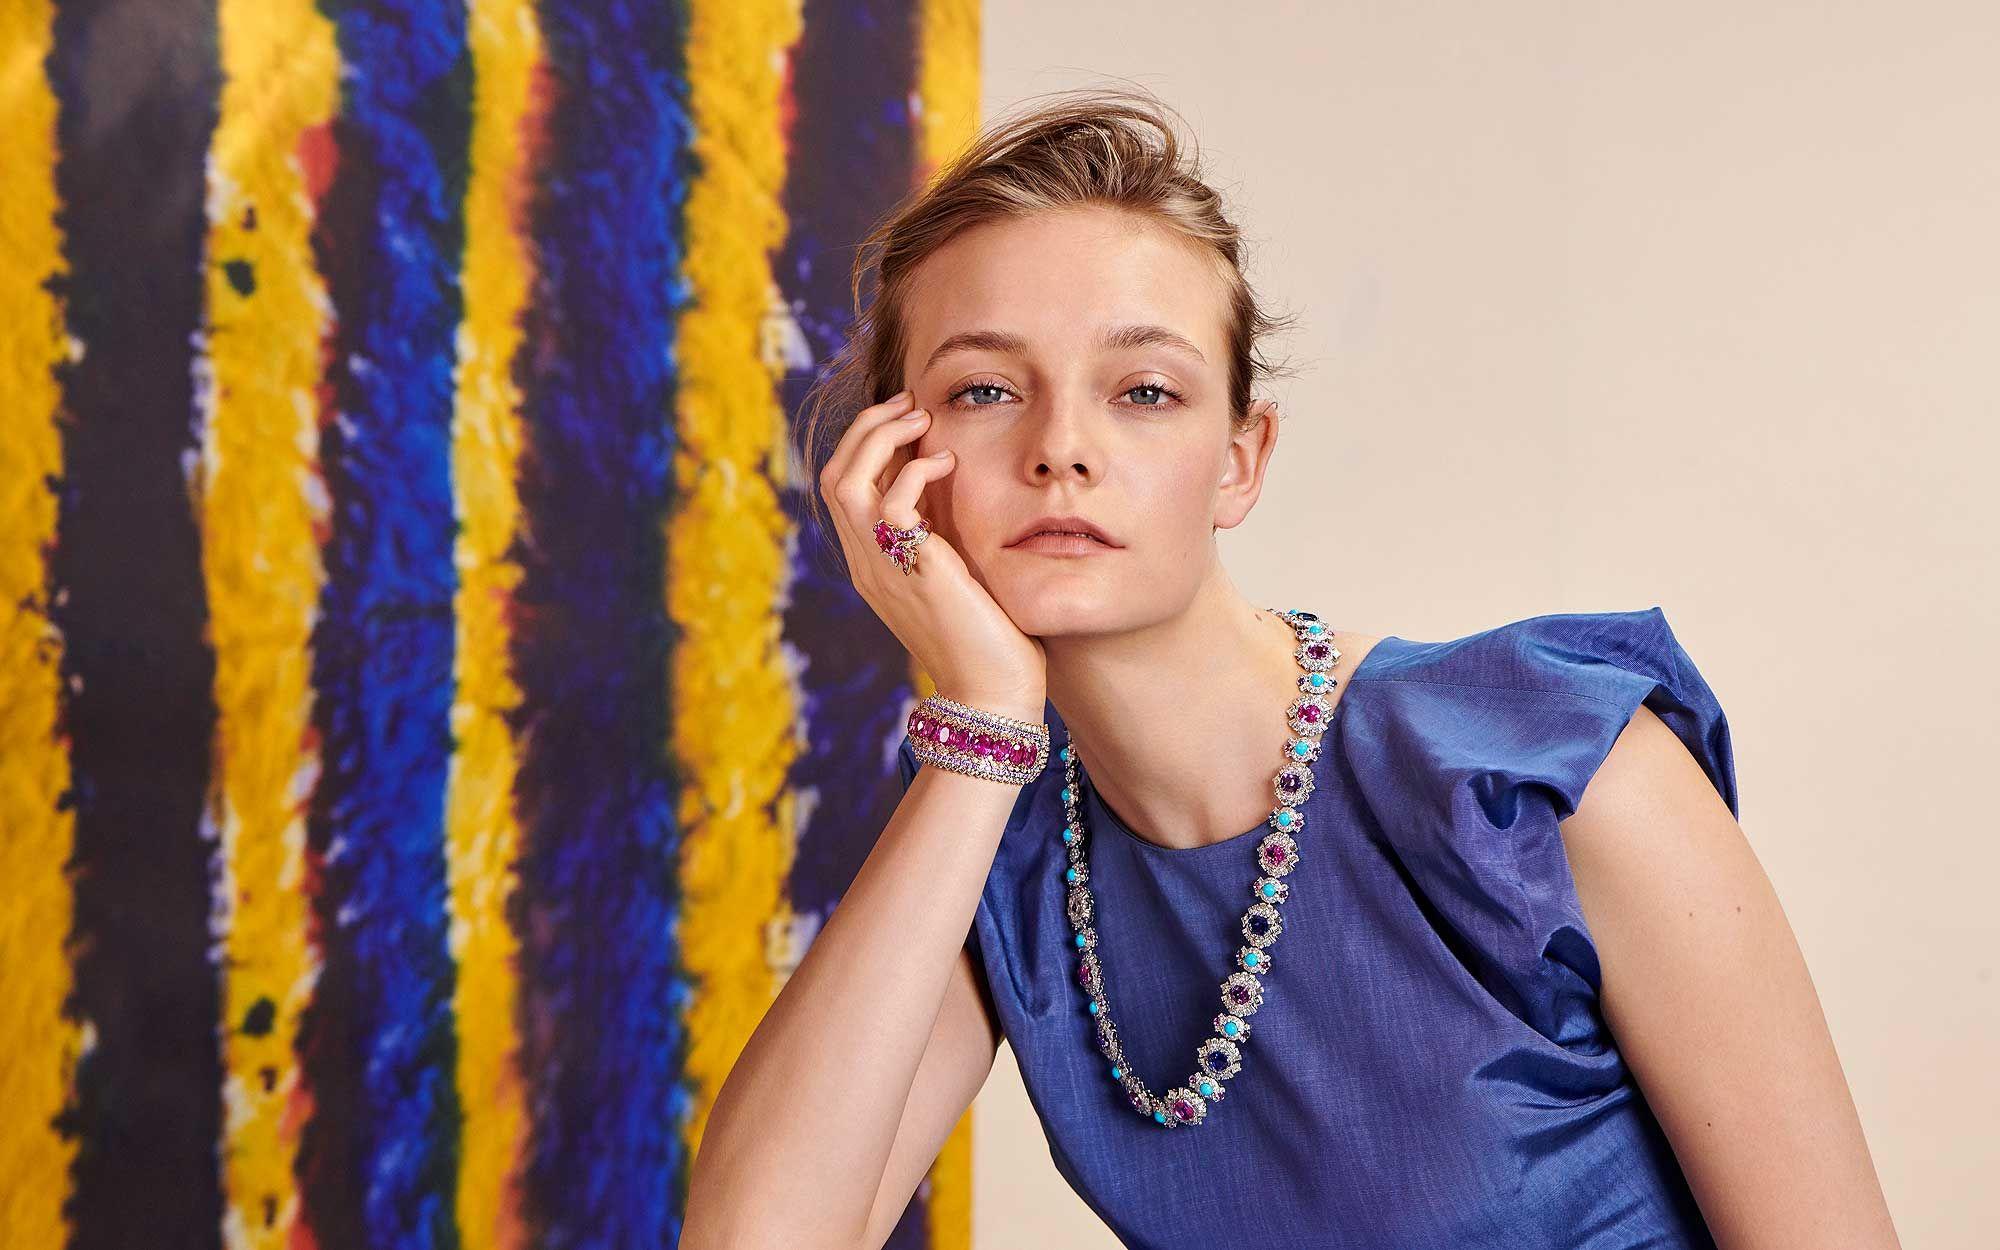 High Jewellery: Van Cleef & Arpels' Romeo & Juliet Collection